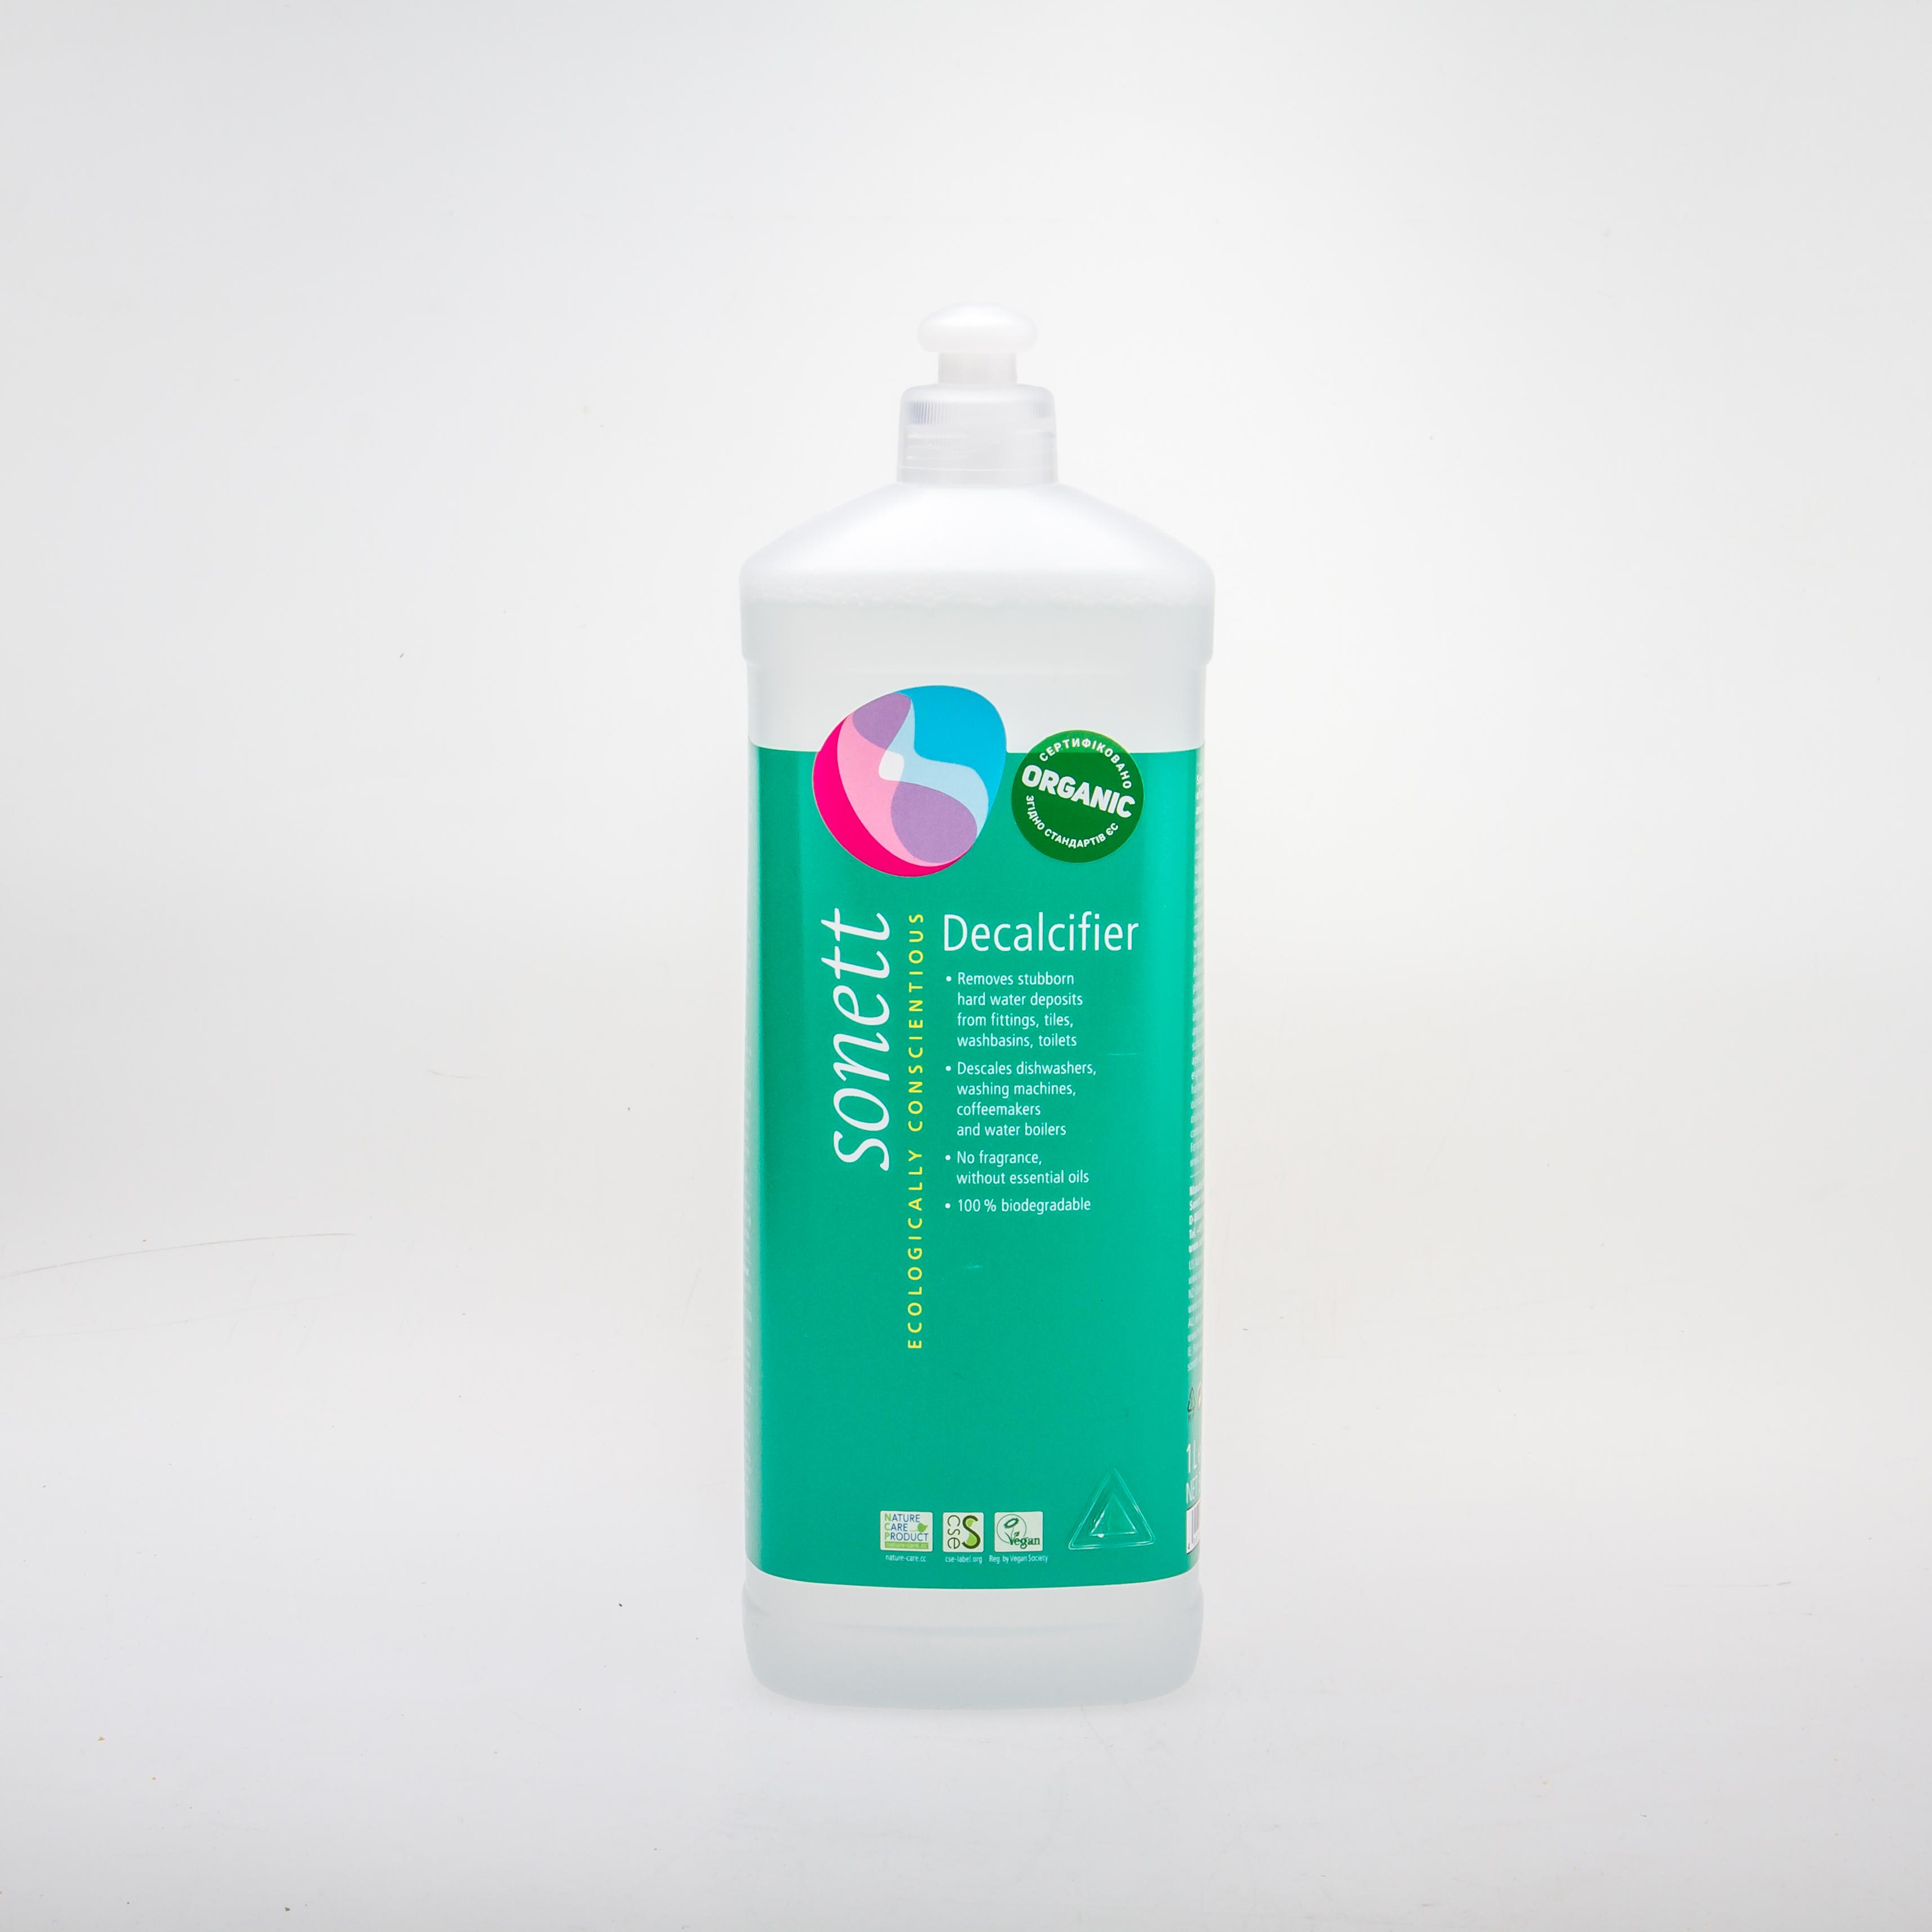 Sonett органічна рідина для видалення накипу і кальцієвих відкладень,  1л - купить в интернет-магазине Юнимед